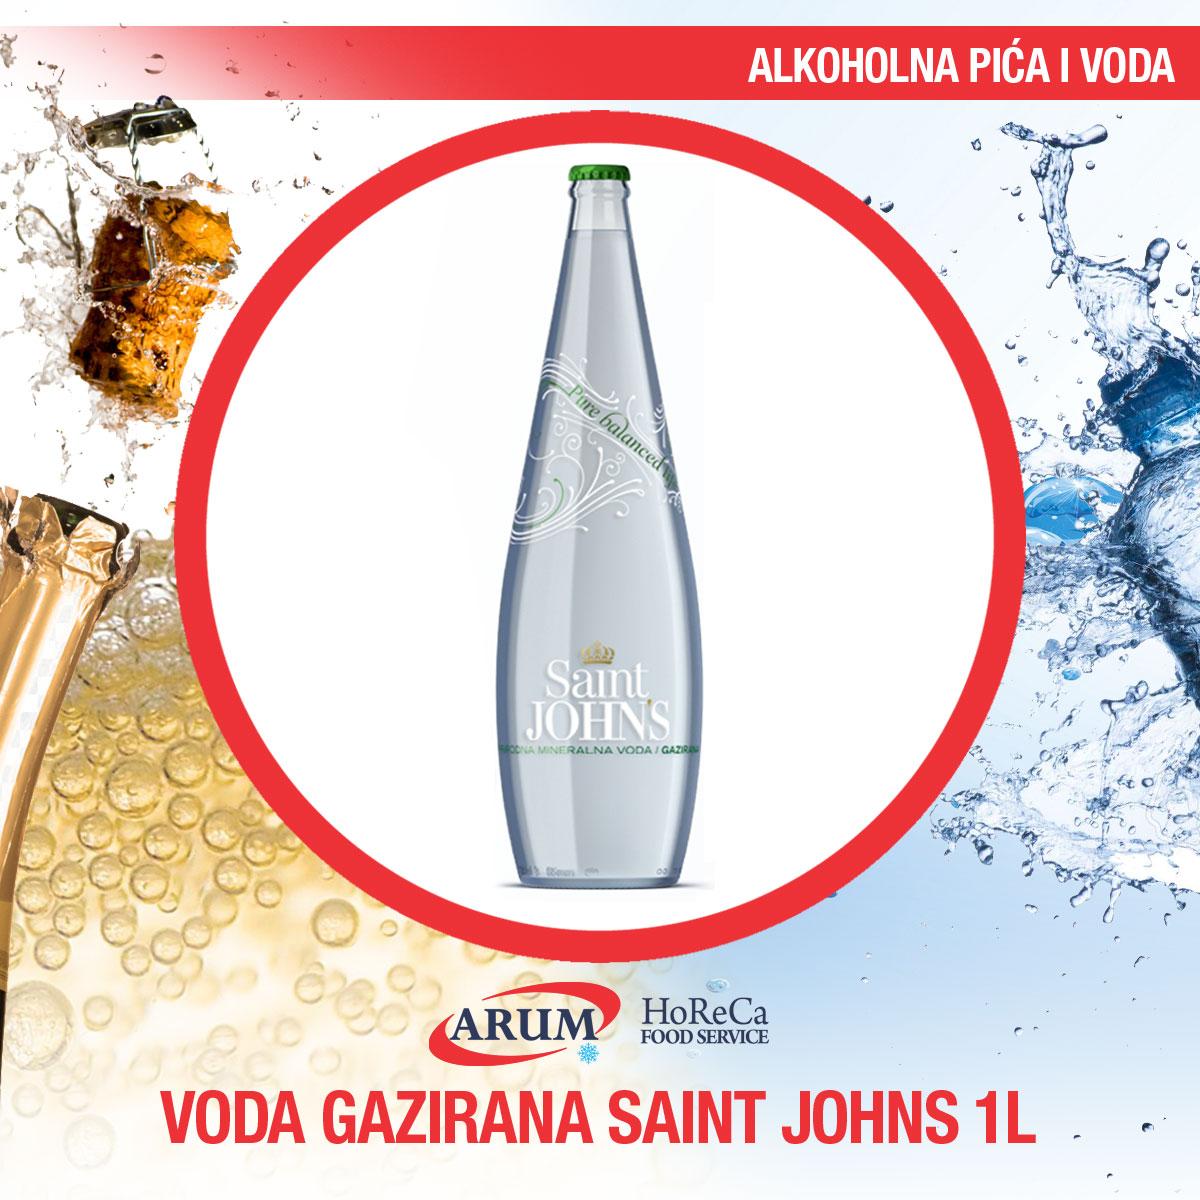 Voda gazirana 1l saint john's (6/1#)